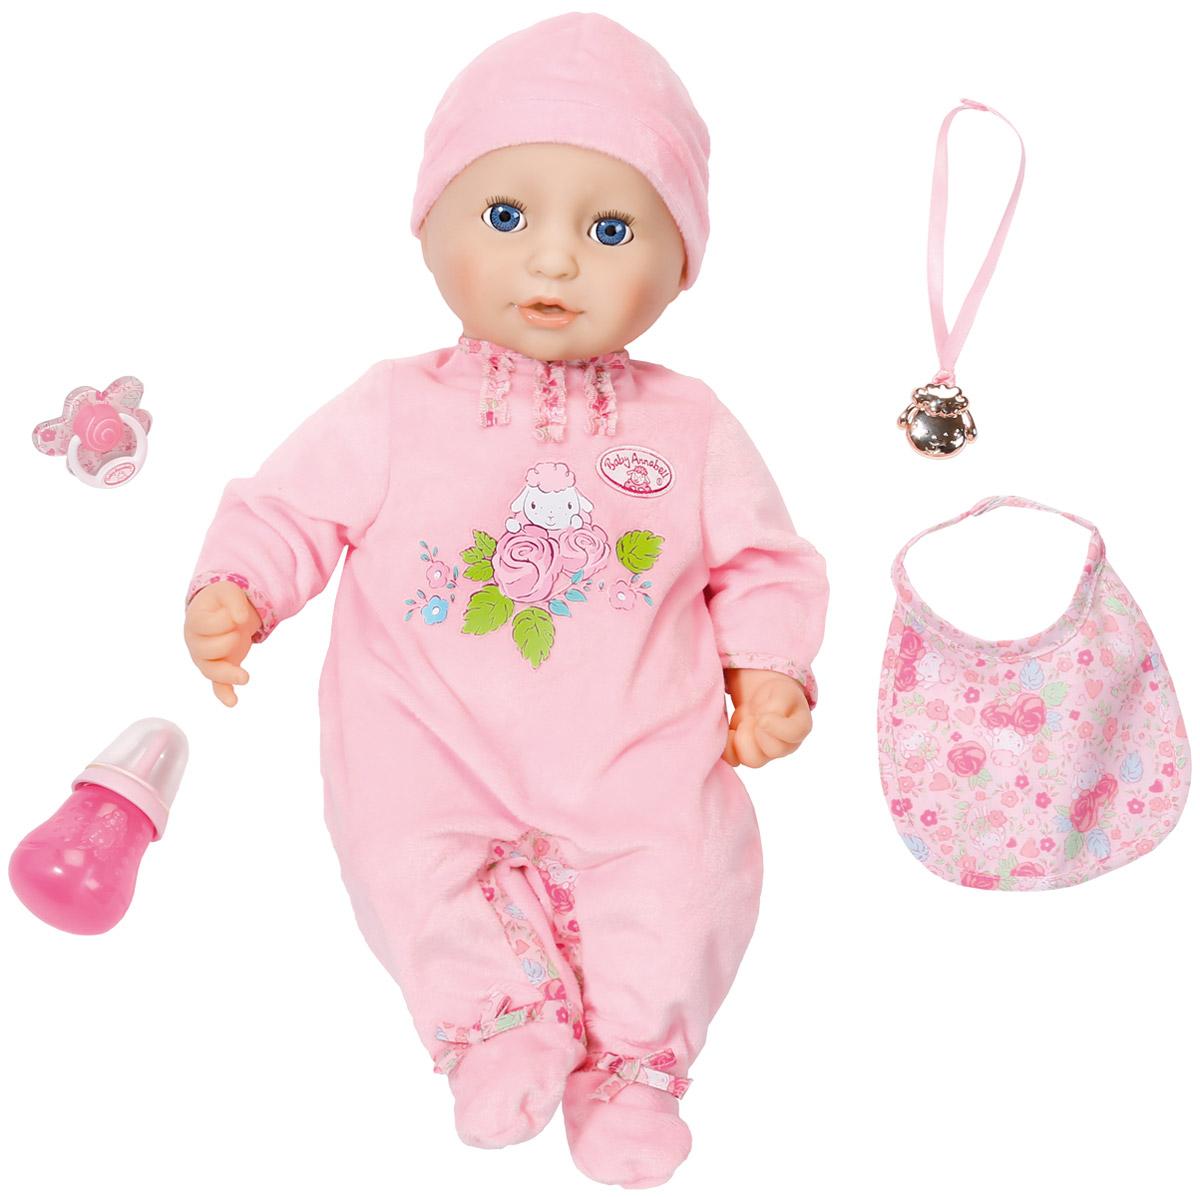 Baby Annabell Пупс с мимикой в розовом комбинезоне 794-821794-821Интерактивная кукла Baby Annabell порадует вашу малышку и доставит ей много удовольствия от часов, посвященных игре с ней. Кукла выглядит совсем как настоящий младенец. У девочки большие голубые глазки, длинные ресницы, пухлые розовые щечки и поджатые губки. Малышка одета в розовый комбинезончик, на голове шапочка. Ручки, ножки и голова выполнены из высококачественного мягкого винила, туловище мягконабивное. Кукла выглядит очень реалистично и ведет себя как настоящий ребенок. Пупс обладает живой мимикой, она смешно двигает ртом и причмокивает, когда сосет соску или пьет из бутылочки. При этом у нее сонно открываются и закрываются глазки. Малышка реагирует на маму, издавая различные звуки, чихает, хихикает, агукает, что-то лепечет и посапывает во время сна. После кормления малышка срыгивает. Если ее испугает громкий звук, она начнет плакать настоящими слезами и успокоится, только получив соску или бутылочку. Нажав на пупочек куклы, она начнет писать....